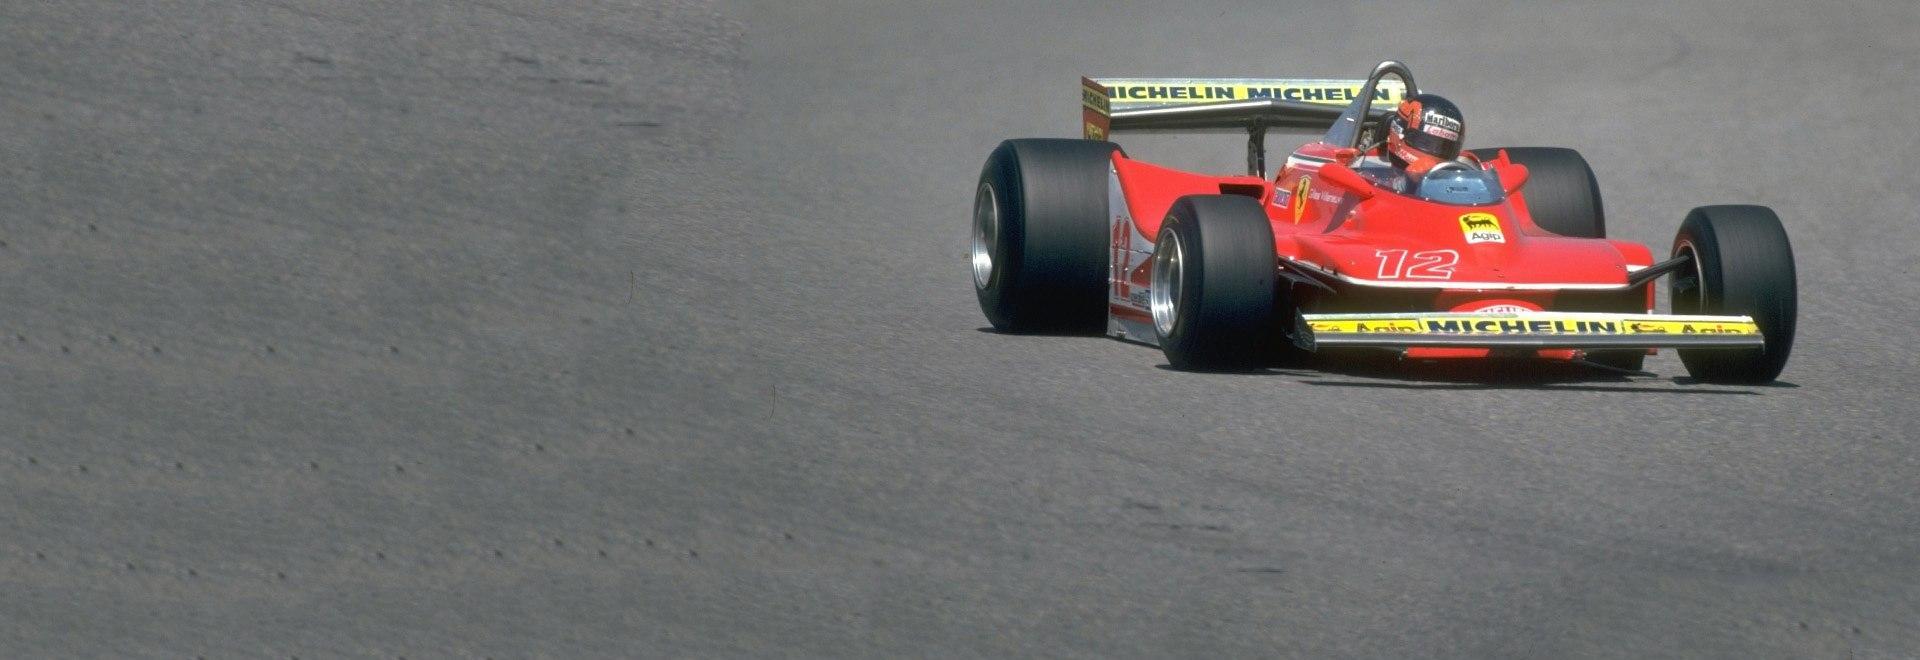 Jacques Villeneuve. 2a parte